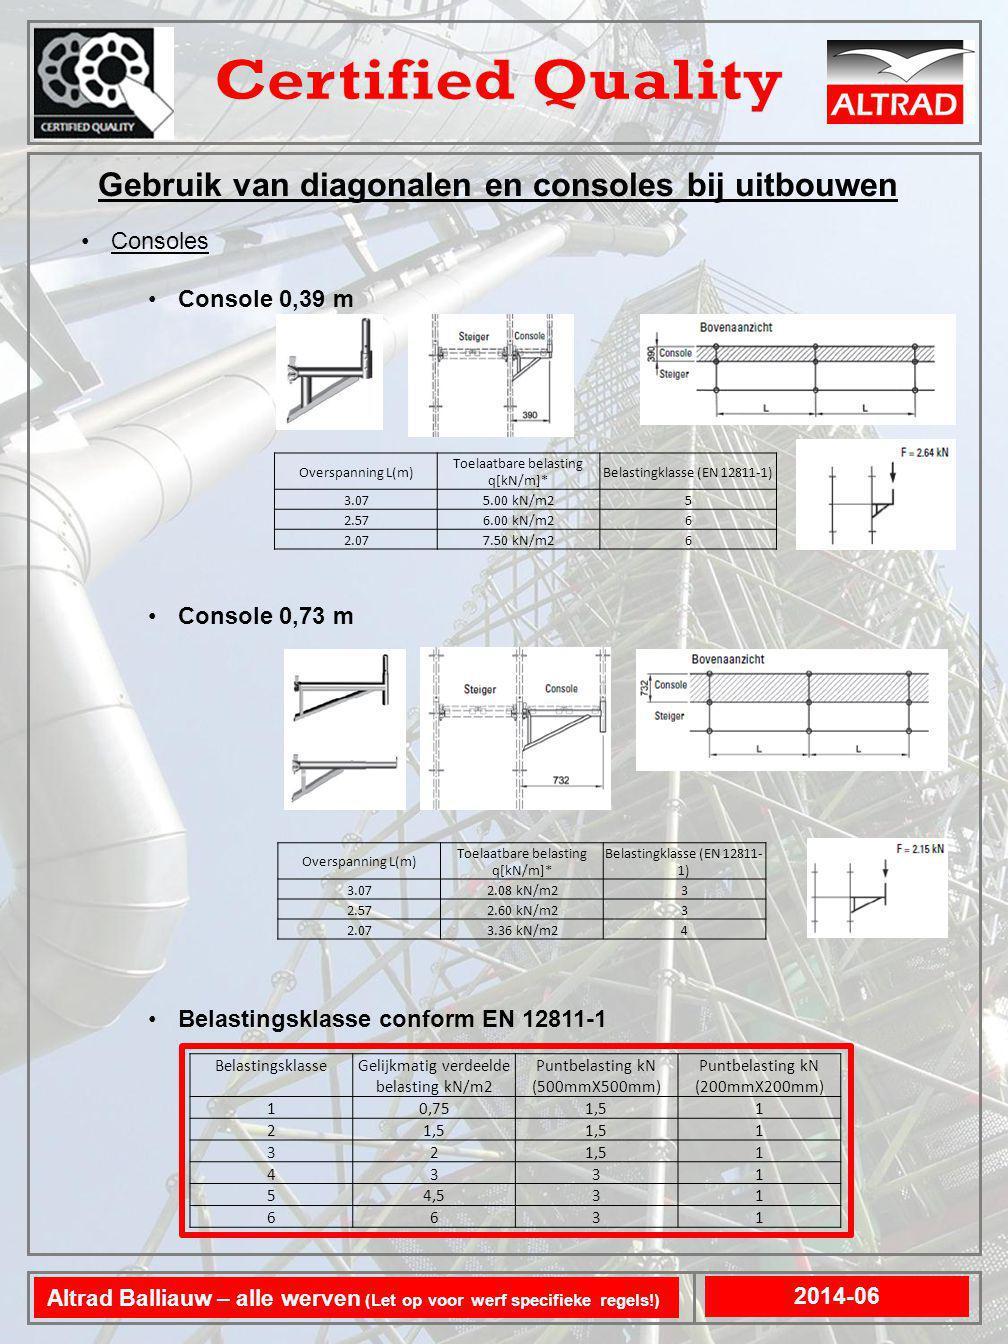 Gebruik van diagonalen en consoles bij uitbouwen